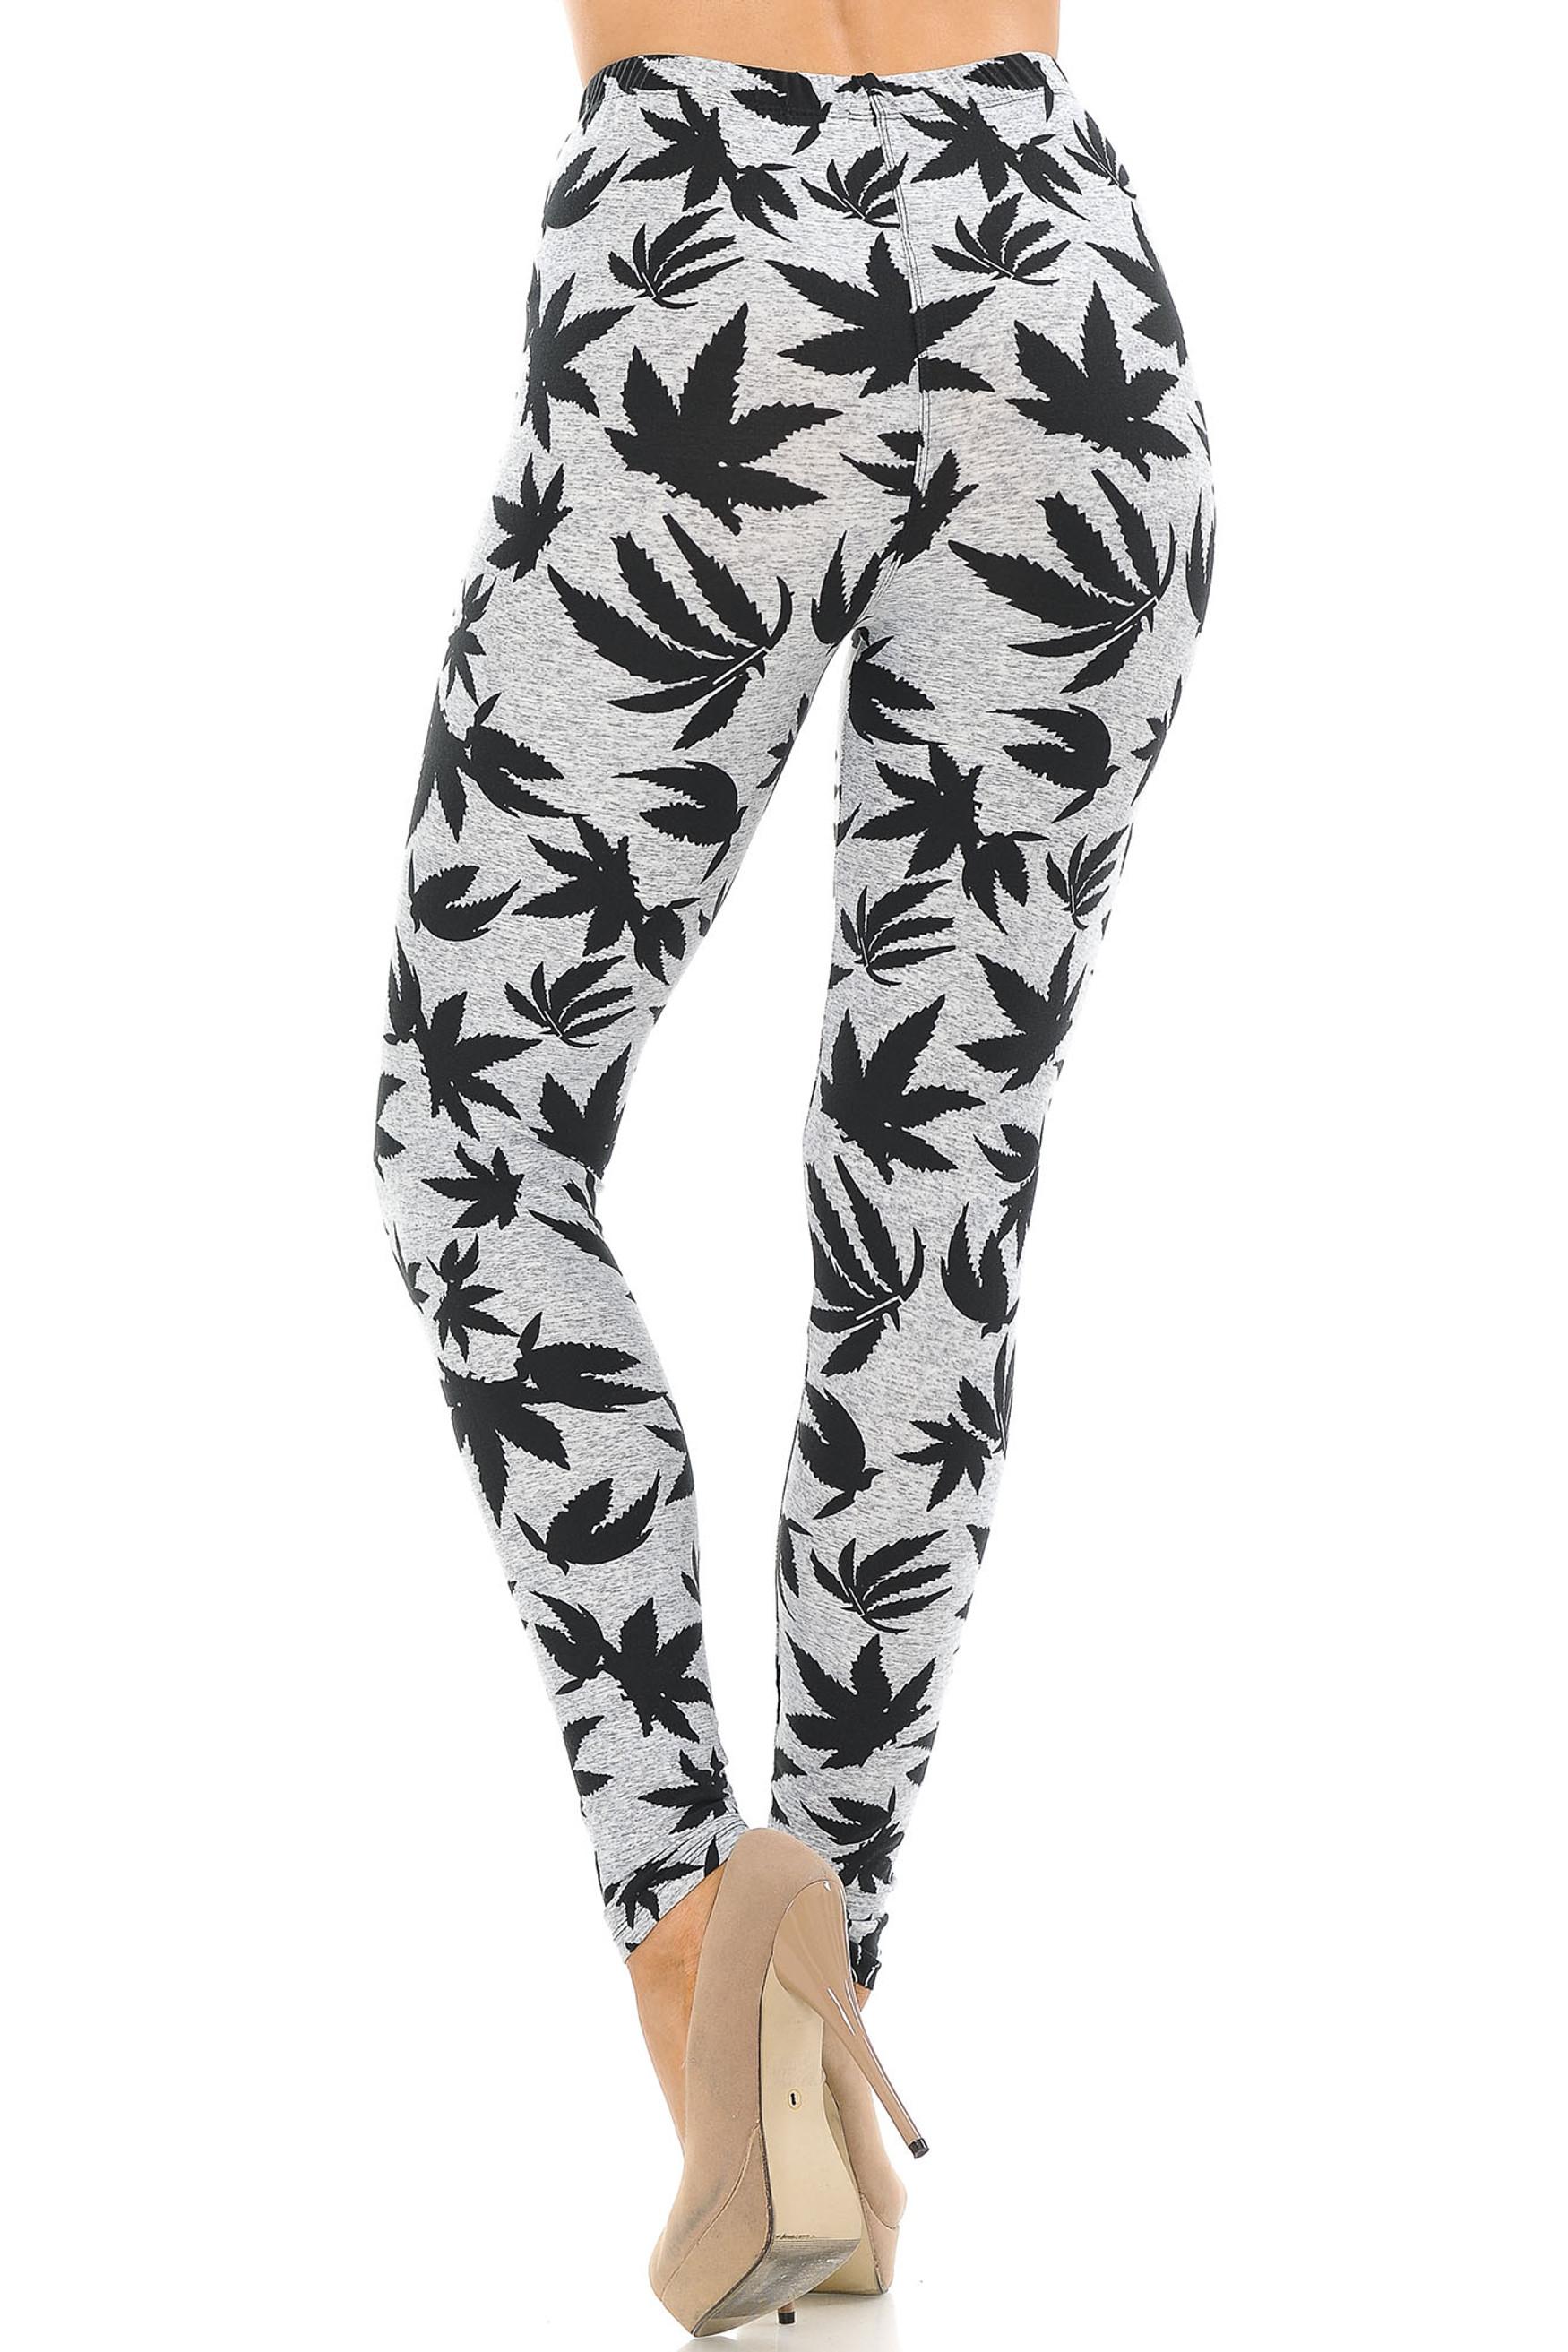 Soft Brushed Solid Heather Grey Marijuana Extra Plus Size Leggings - 3X-5X